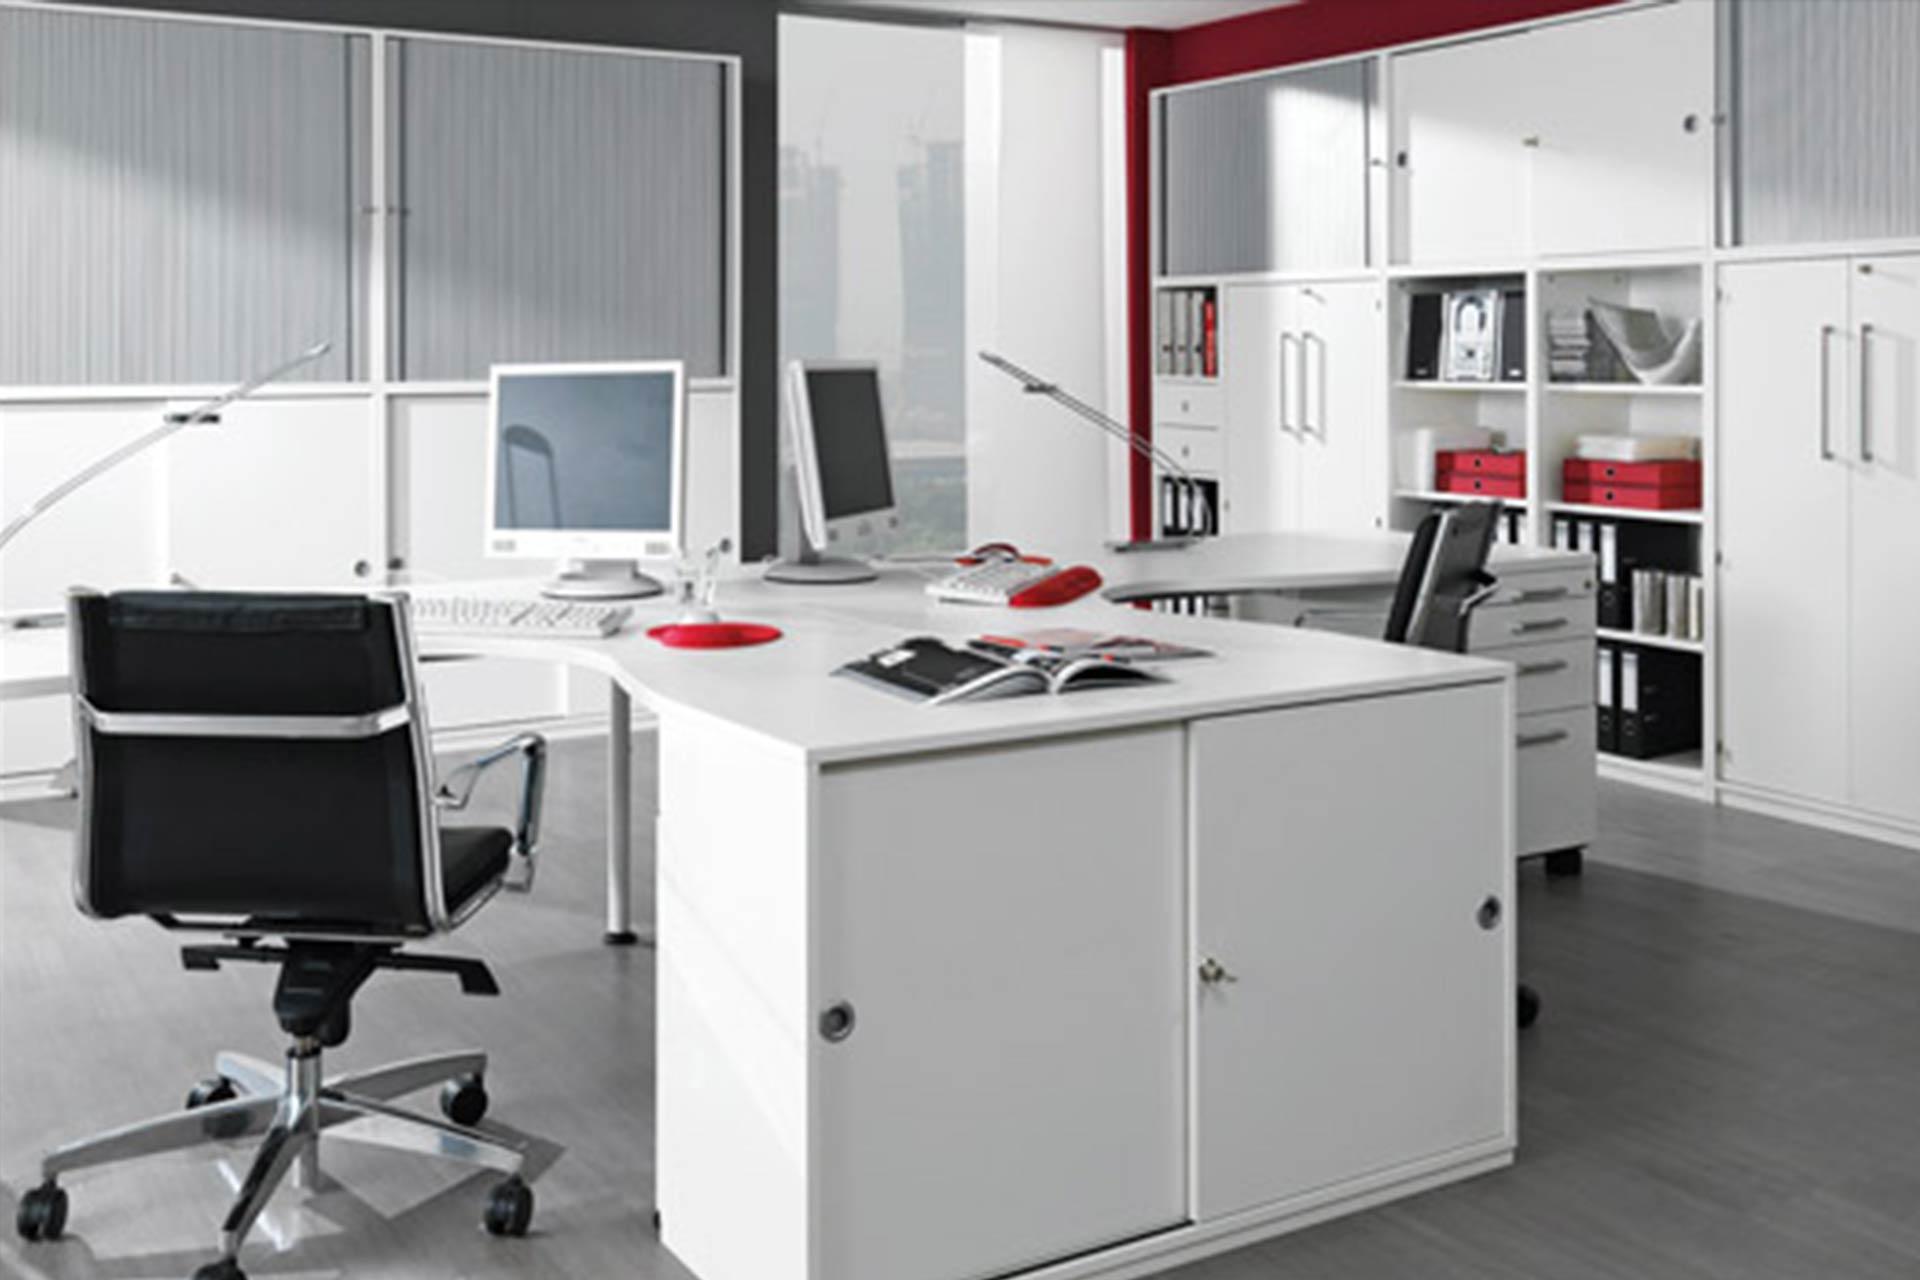 Arbeitszimmer • Möbel Klinkhamels • Möbel und Küchen kaufen ...